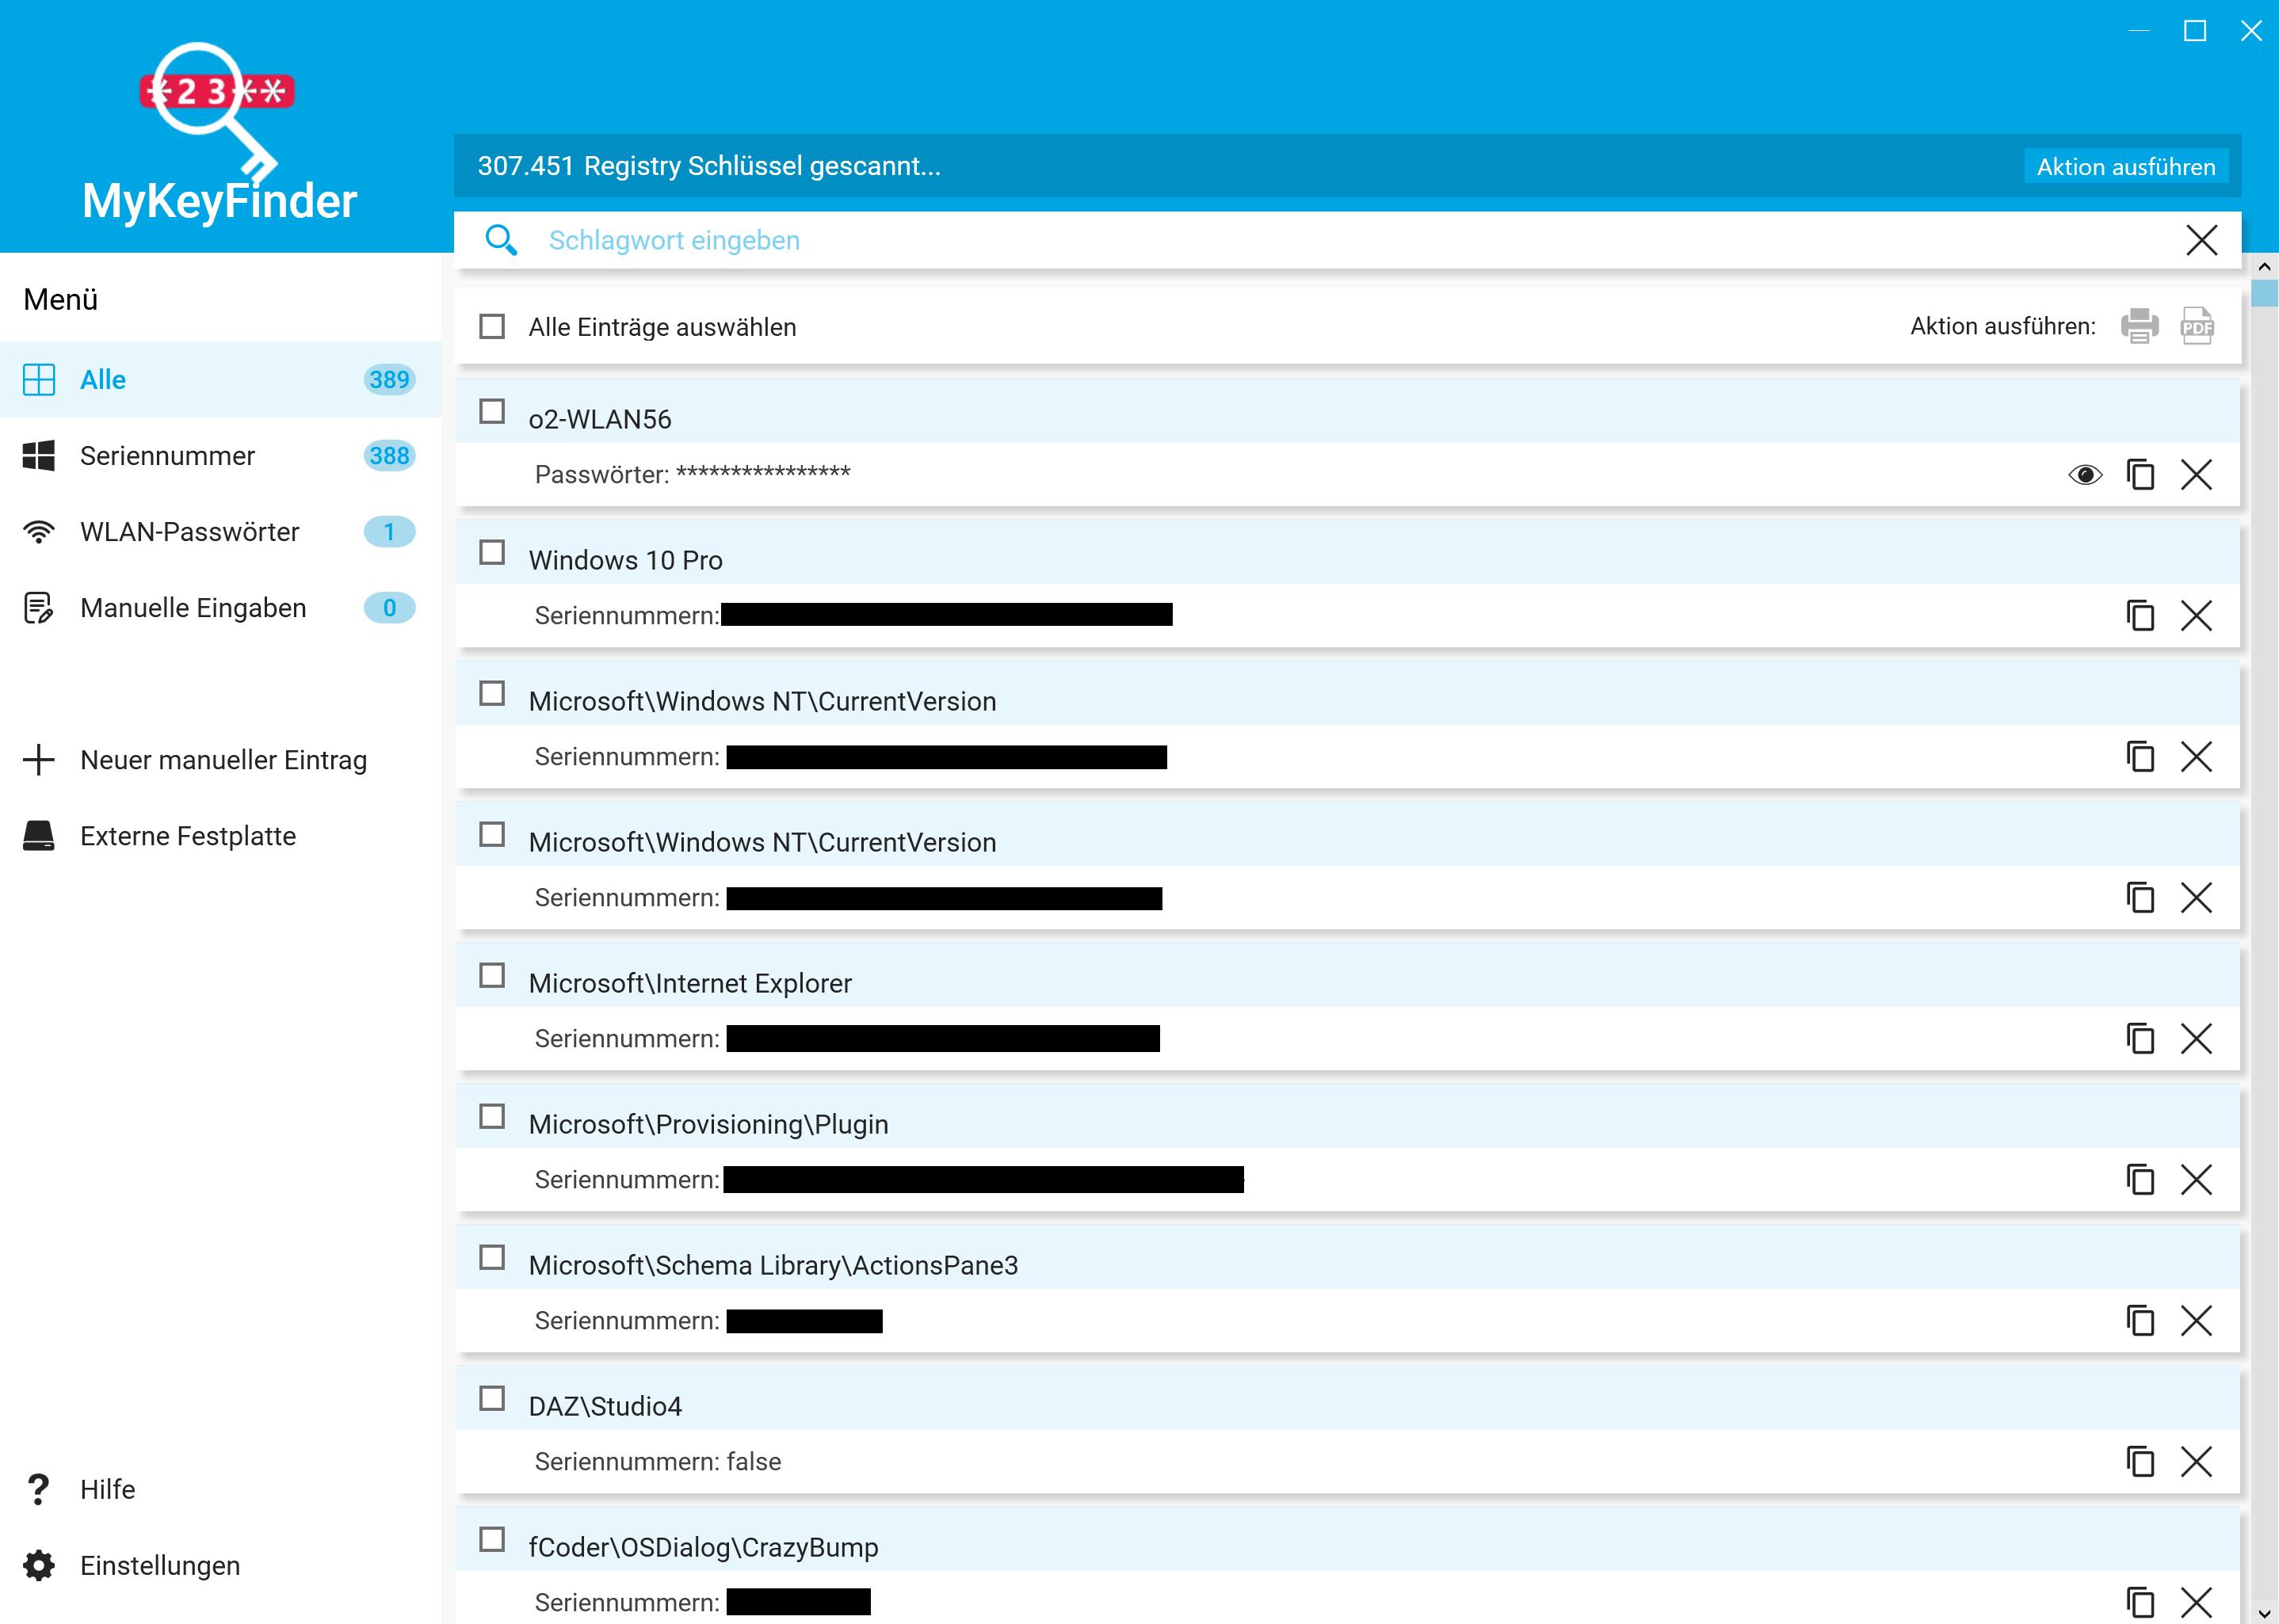 Kaspersky Lizenzschlüssel auslesen - Alle Lizenzschlüssel in MyKeyFinder anzeigen